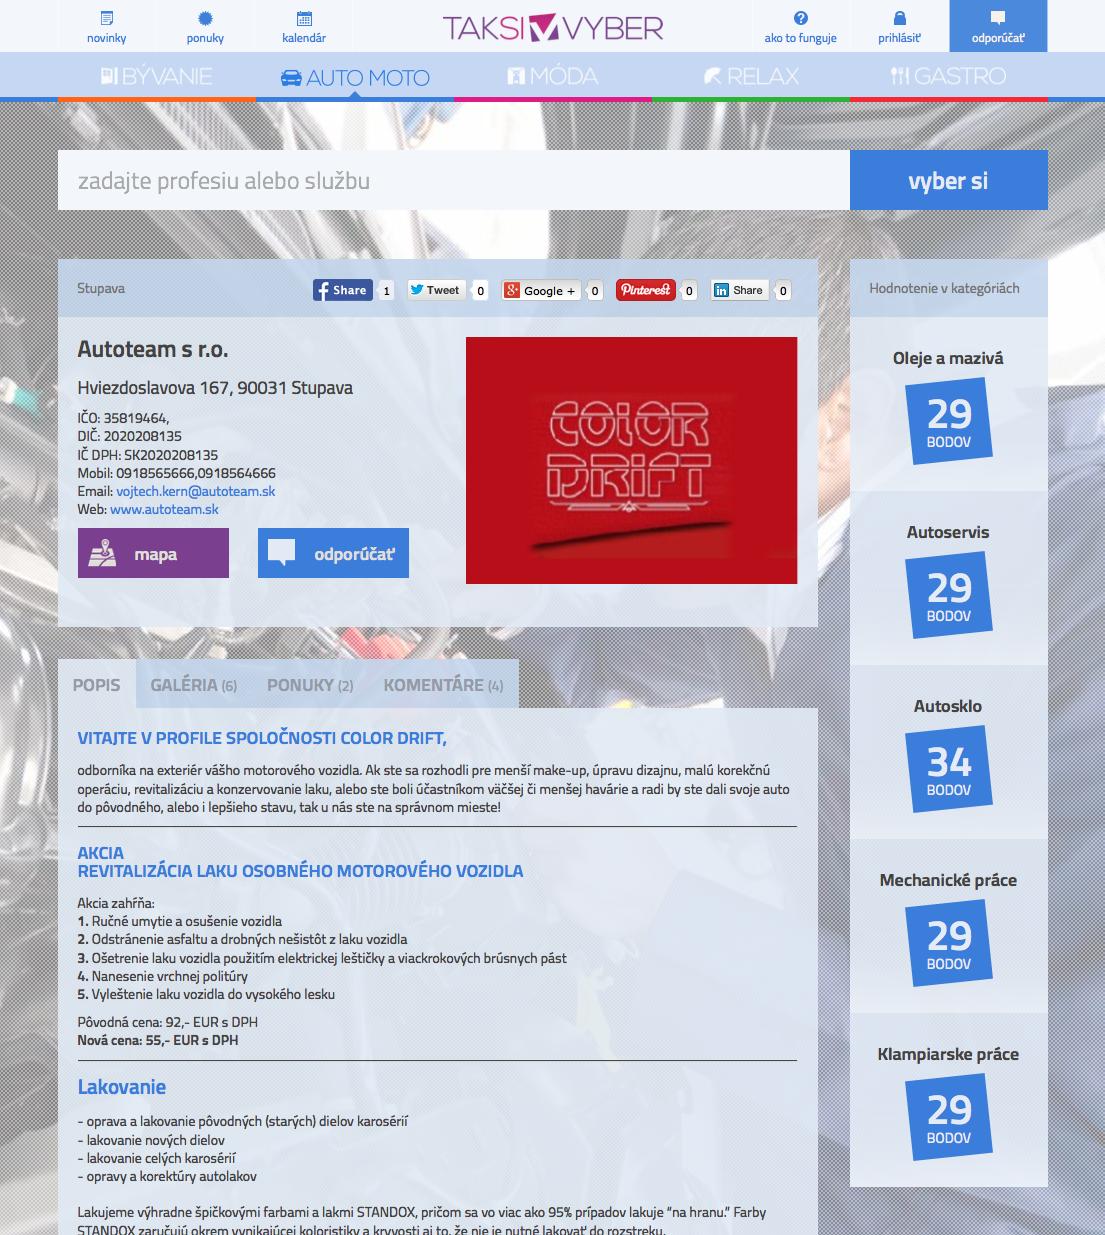 Taksivyber.sk - detail spoločnosti